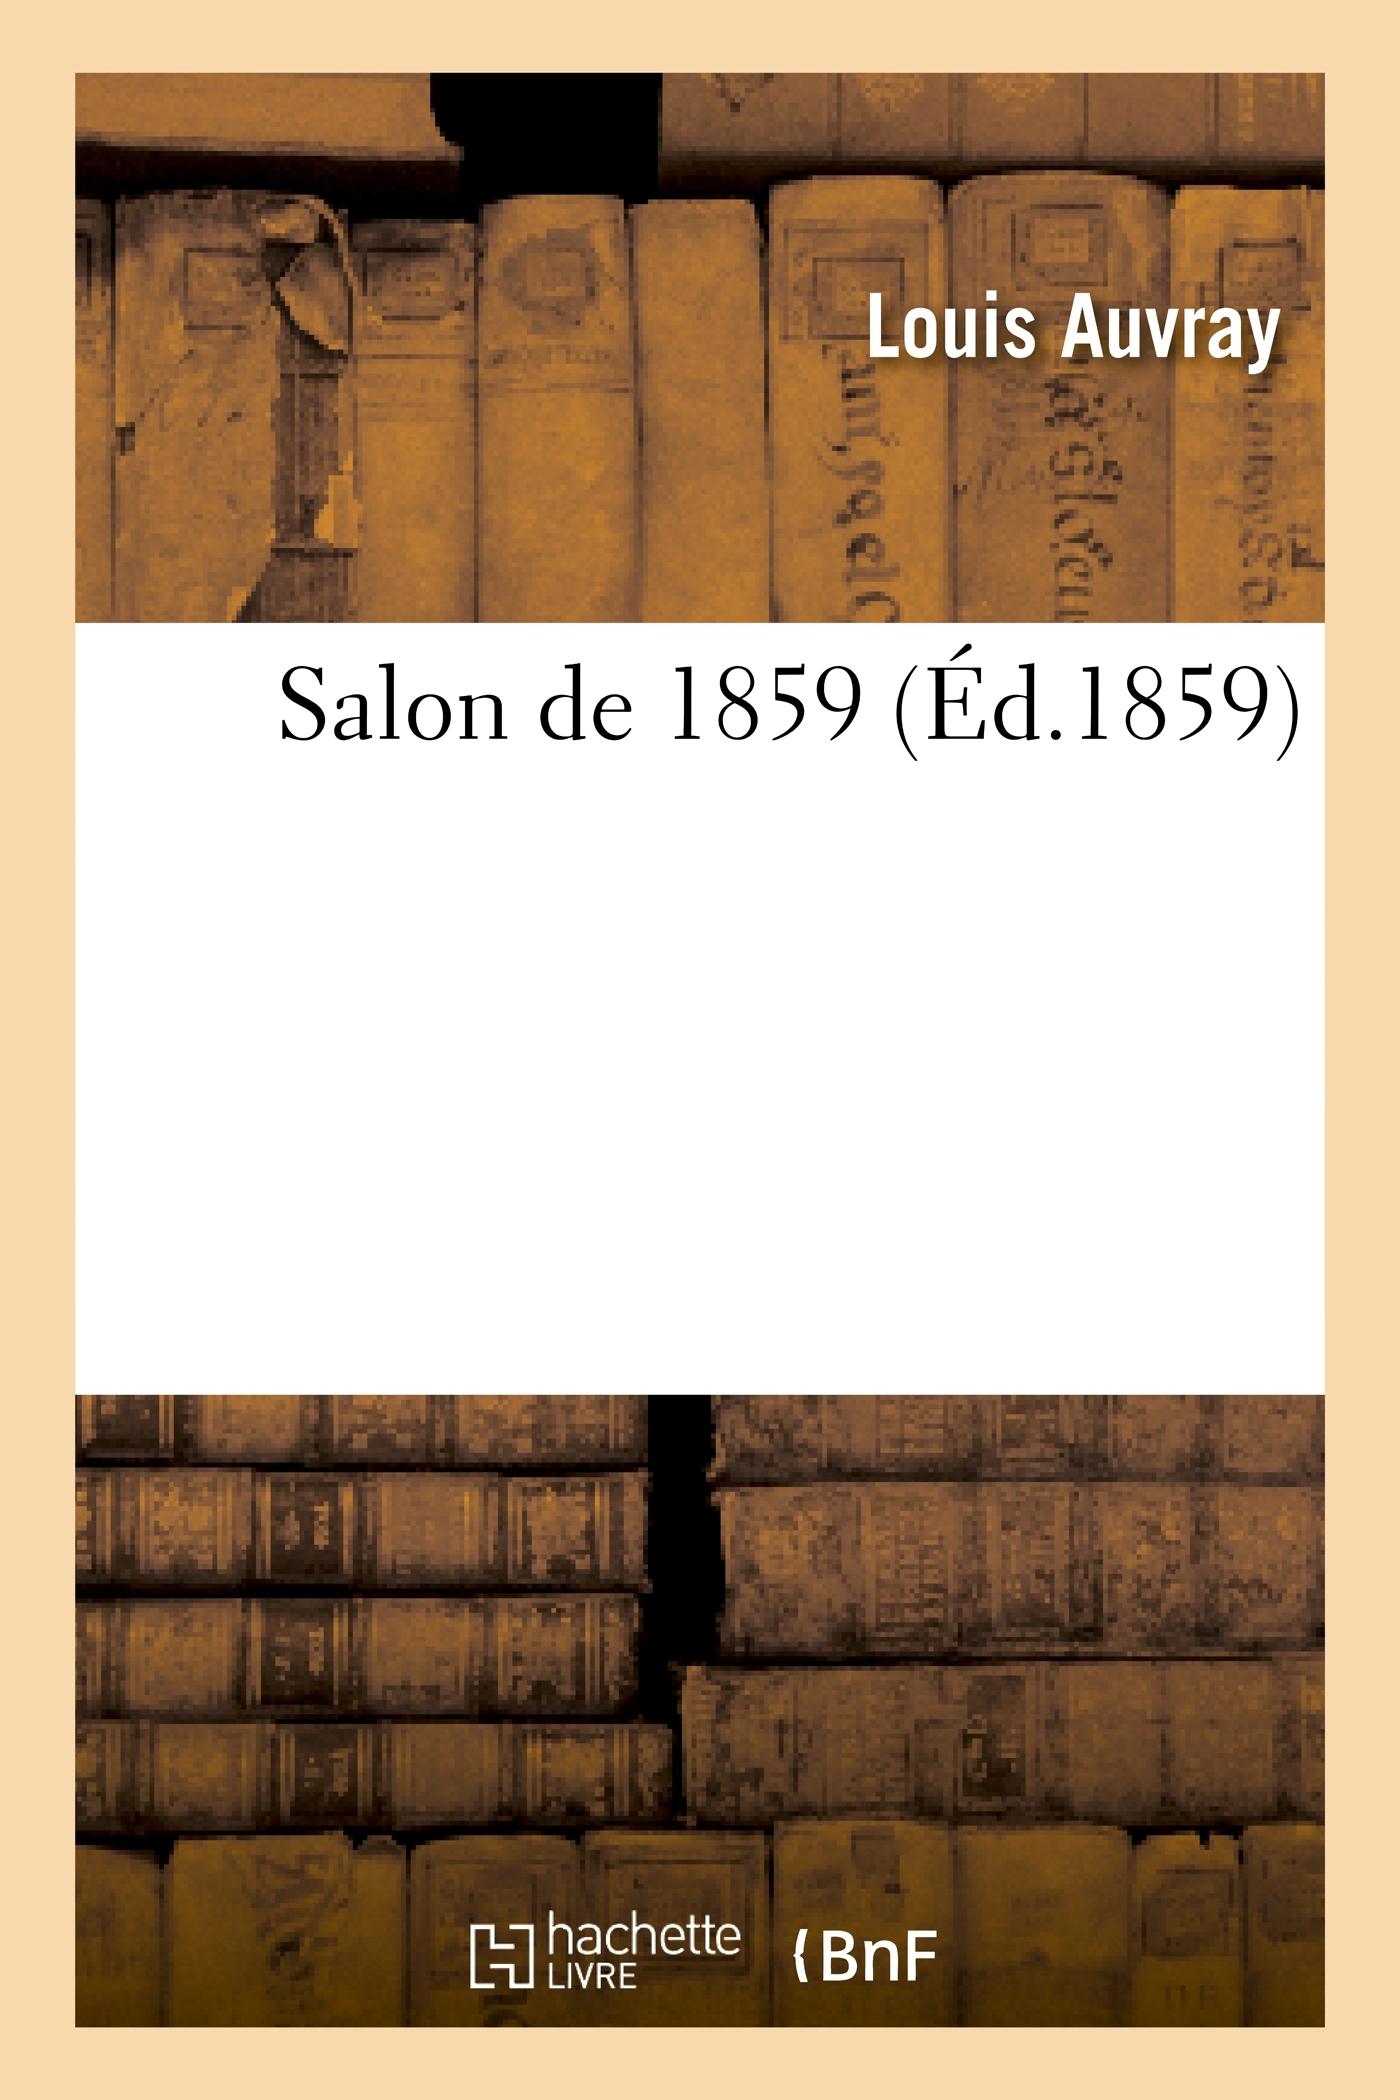 SALON DE 1859